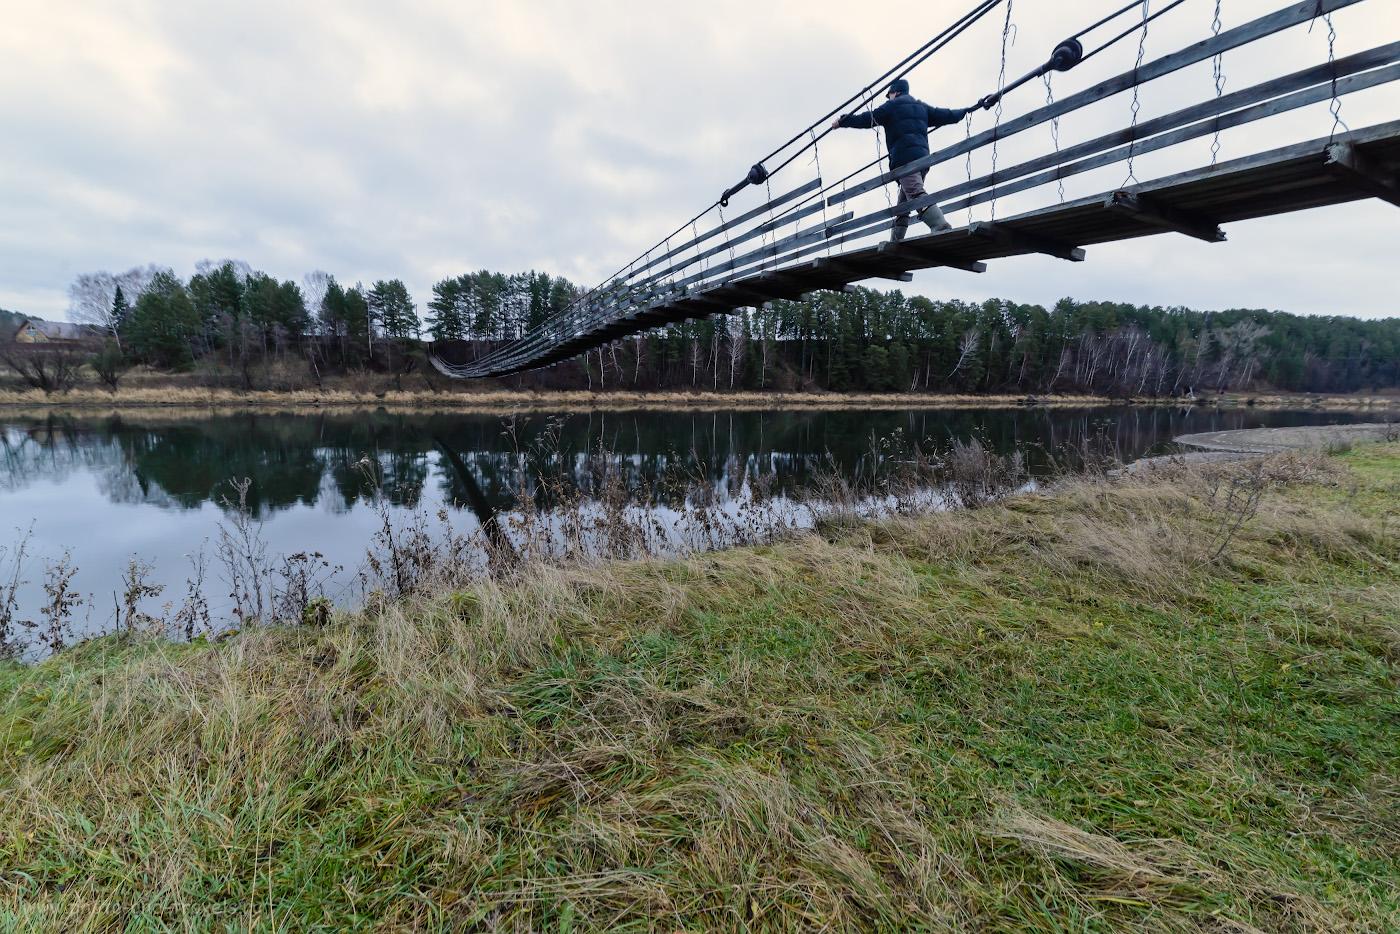 Фотография 5. Подвесной мост через реку Сылва в деревне Сасыково. По нему нужно перебраться на правый берег, чтобы дойти до Ильинского источника. Камера Nikon D610, объектив Samyang 14mm f/2.8. Настройки: ¼, 10.0, 800, 14.